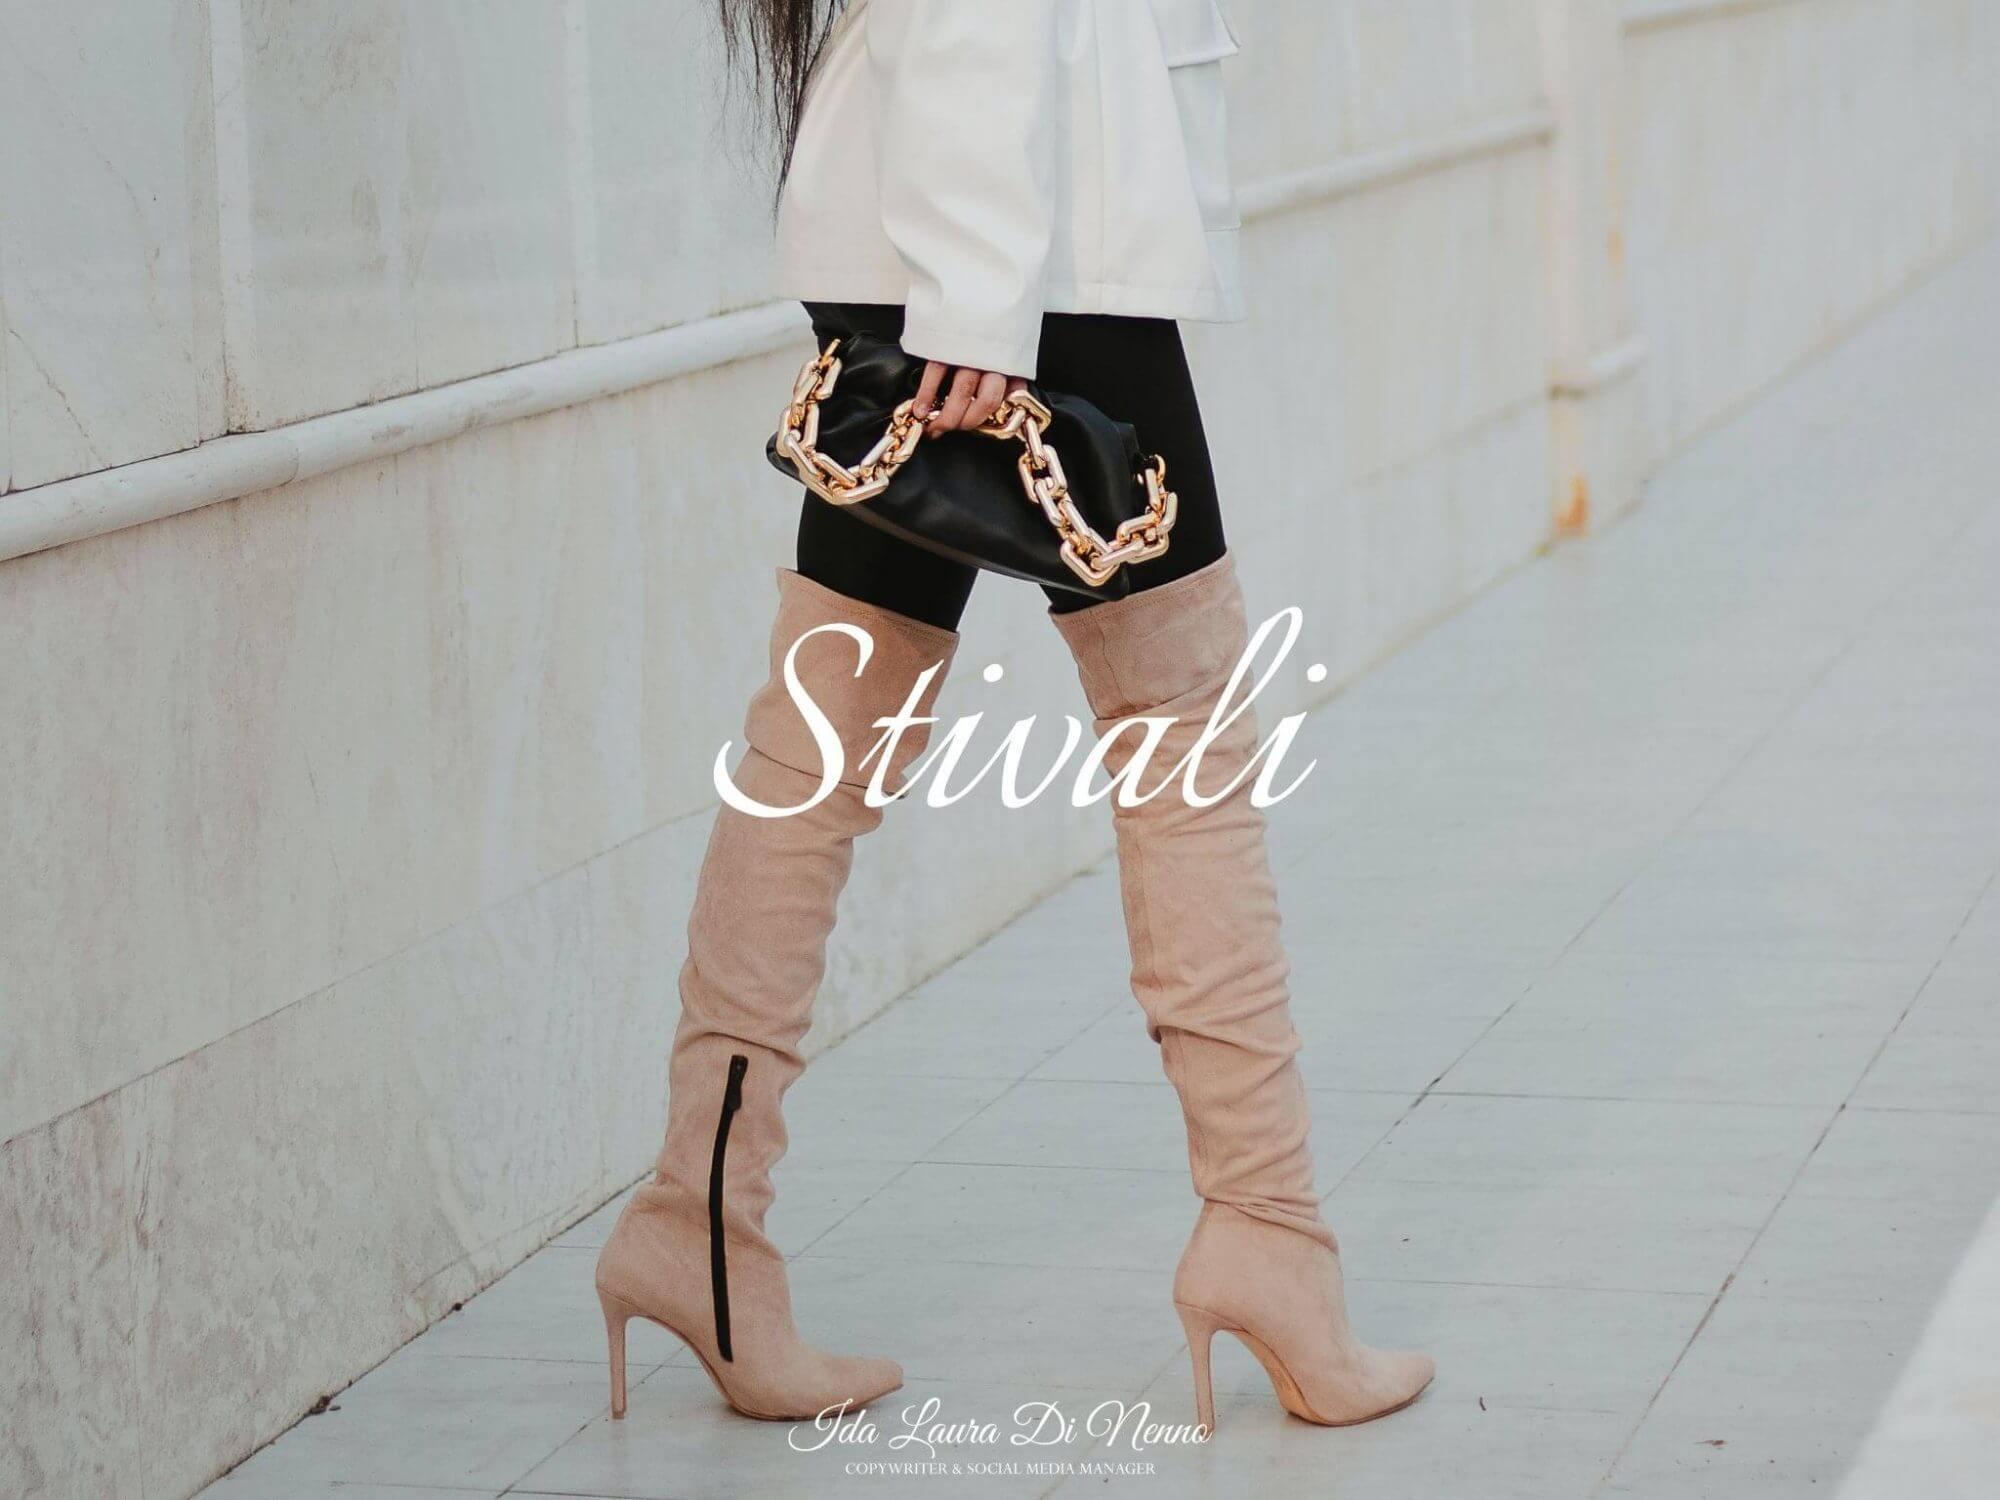 Stivali: Self-confident e praticità